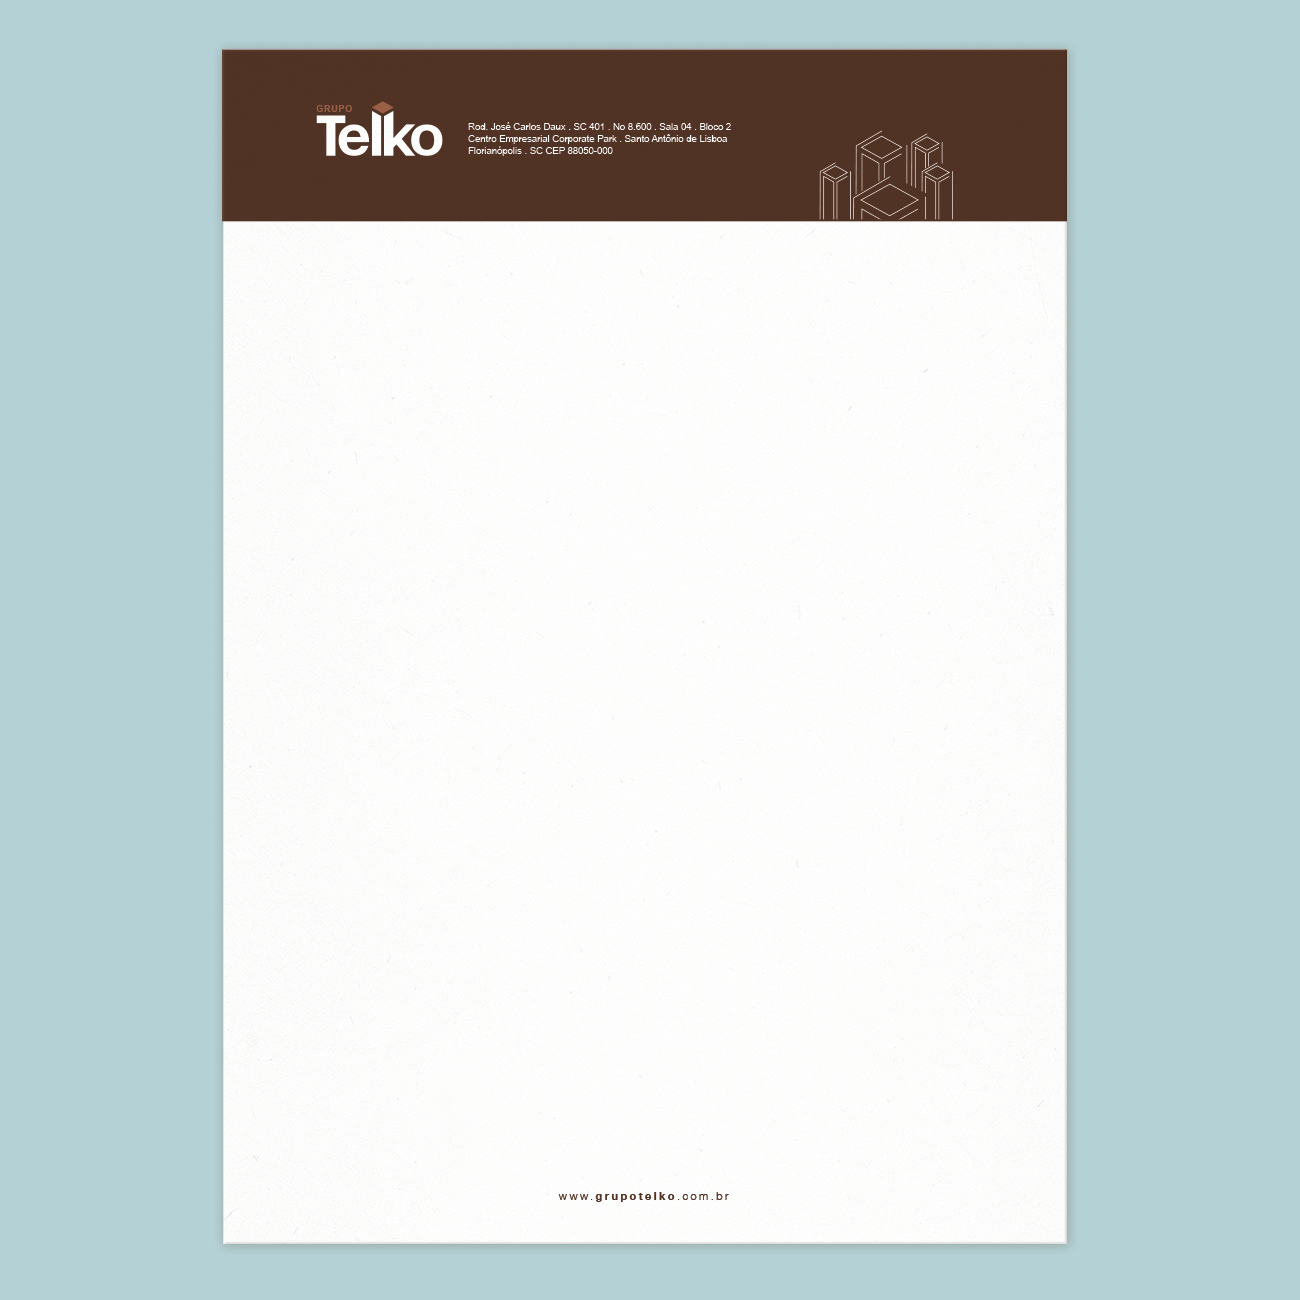 telko-timbradopng